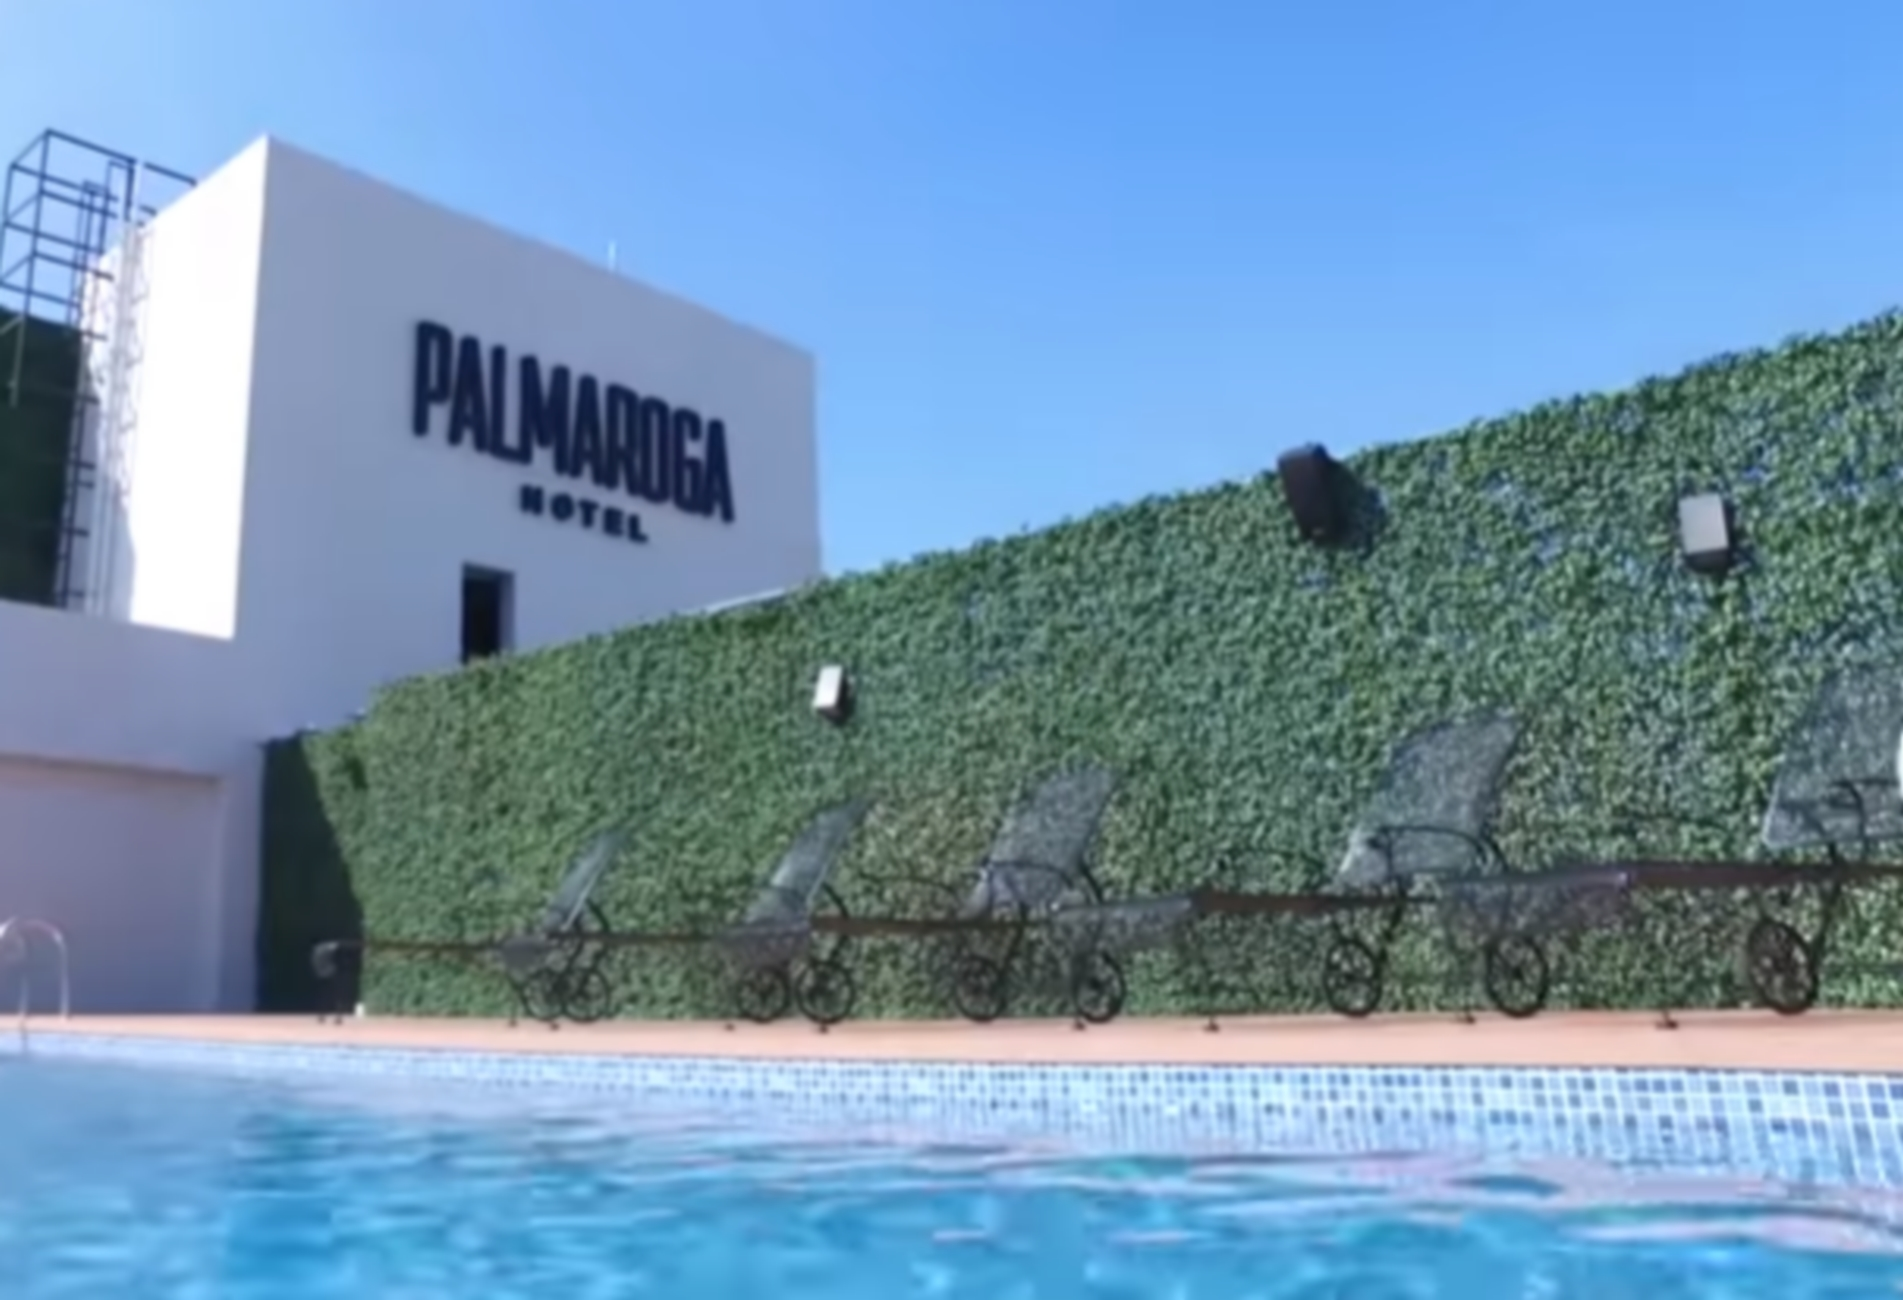 """Ο Ροναλντίνιο μεταφέρθηκε από τη φυλακή σε """"παλάτι"""" (video, pics)"""